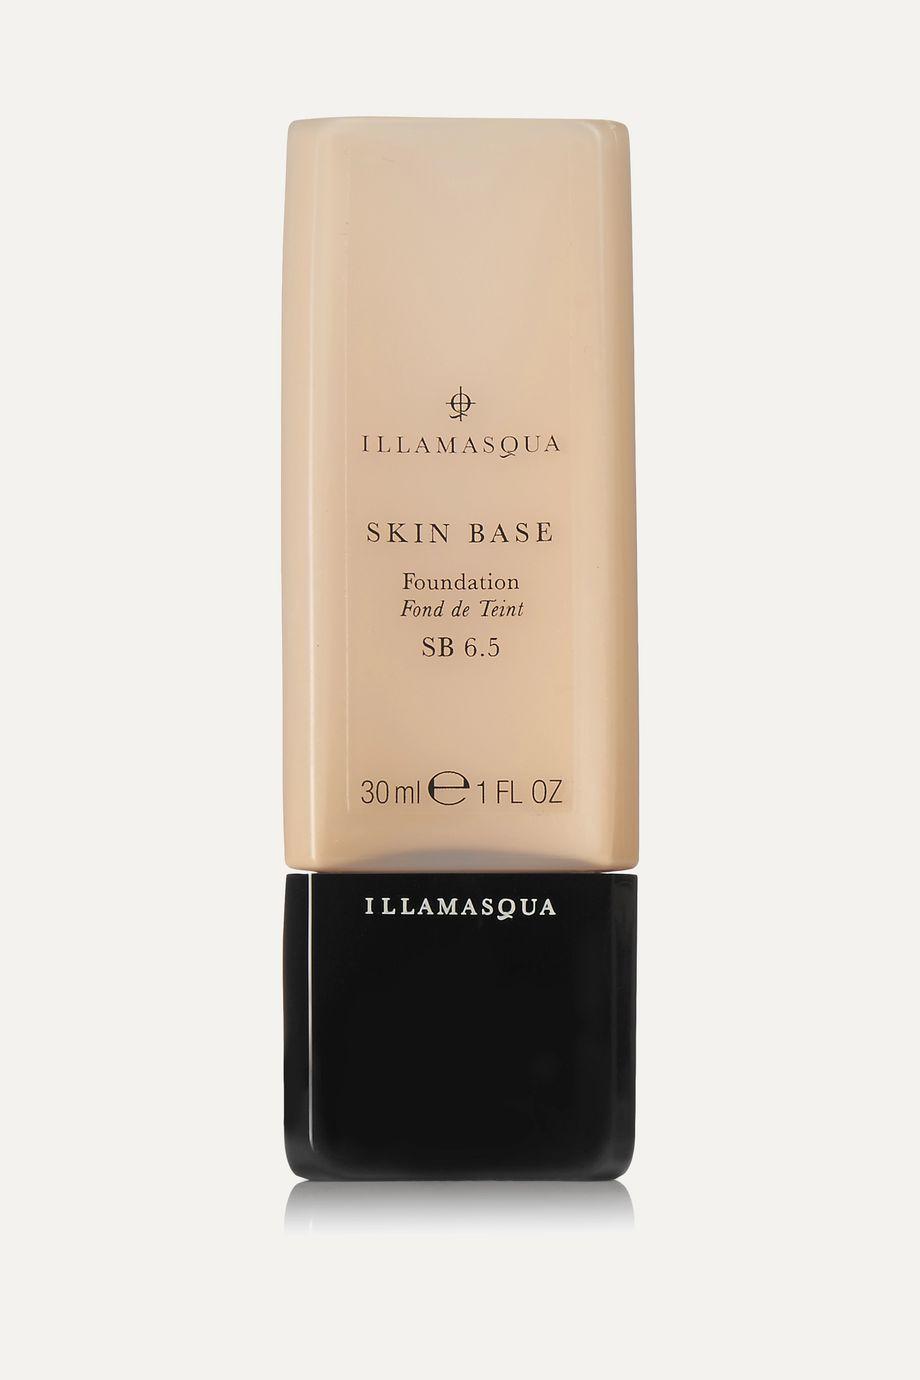 Illamasqua Skin Base Foundation - 6.5, 30ml